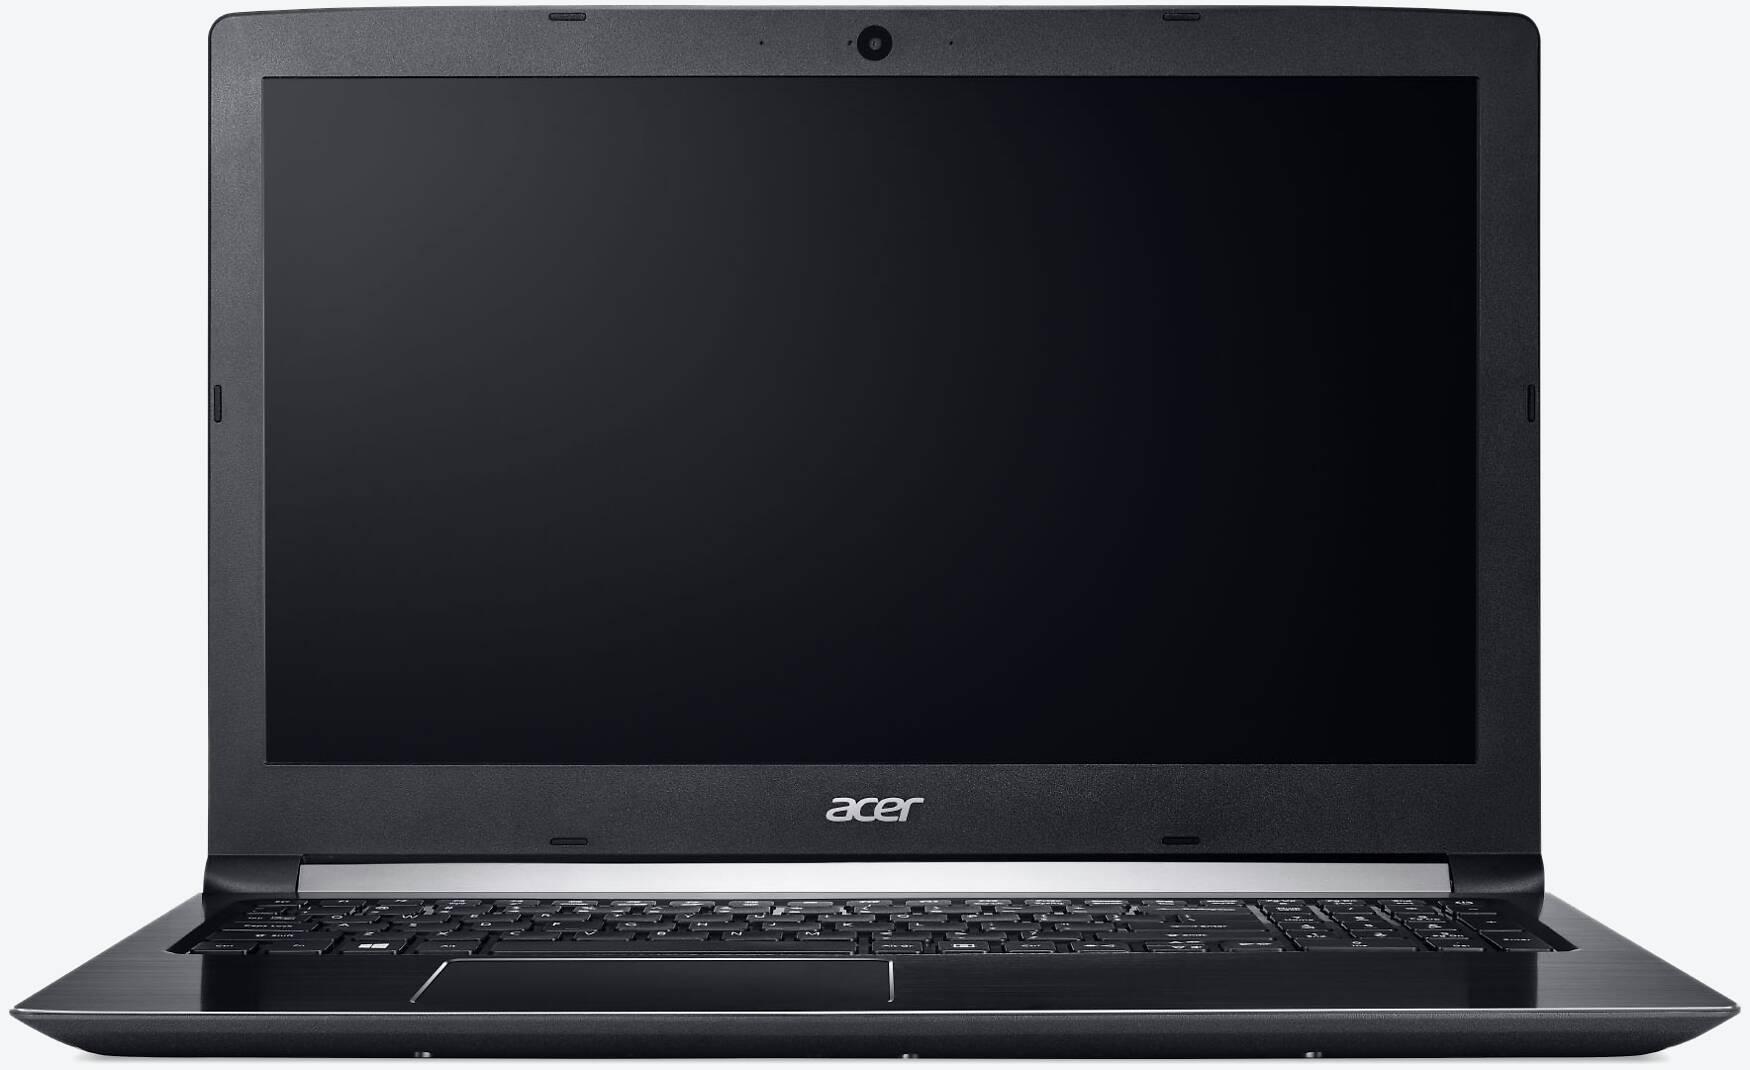 Acer Aspire 5 A517-51-36H2